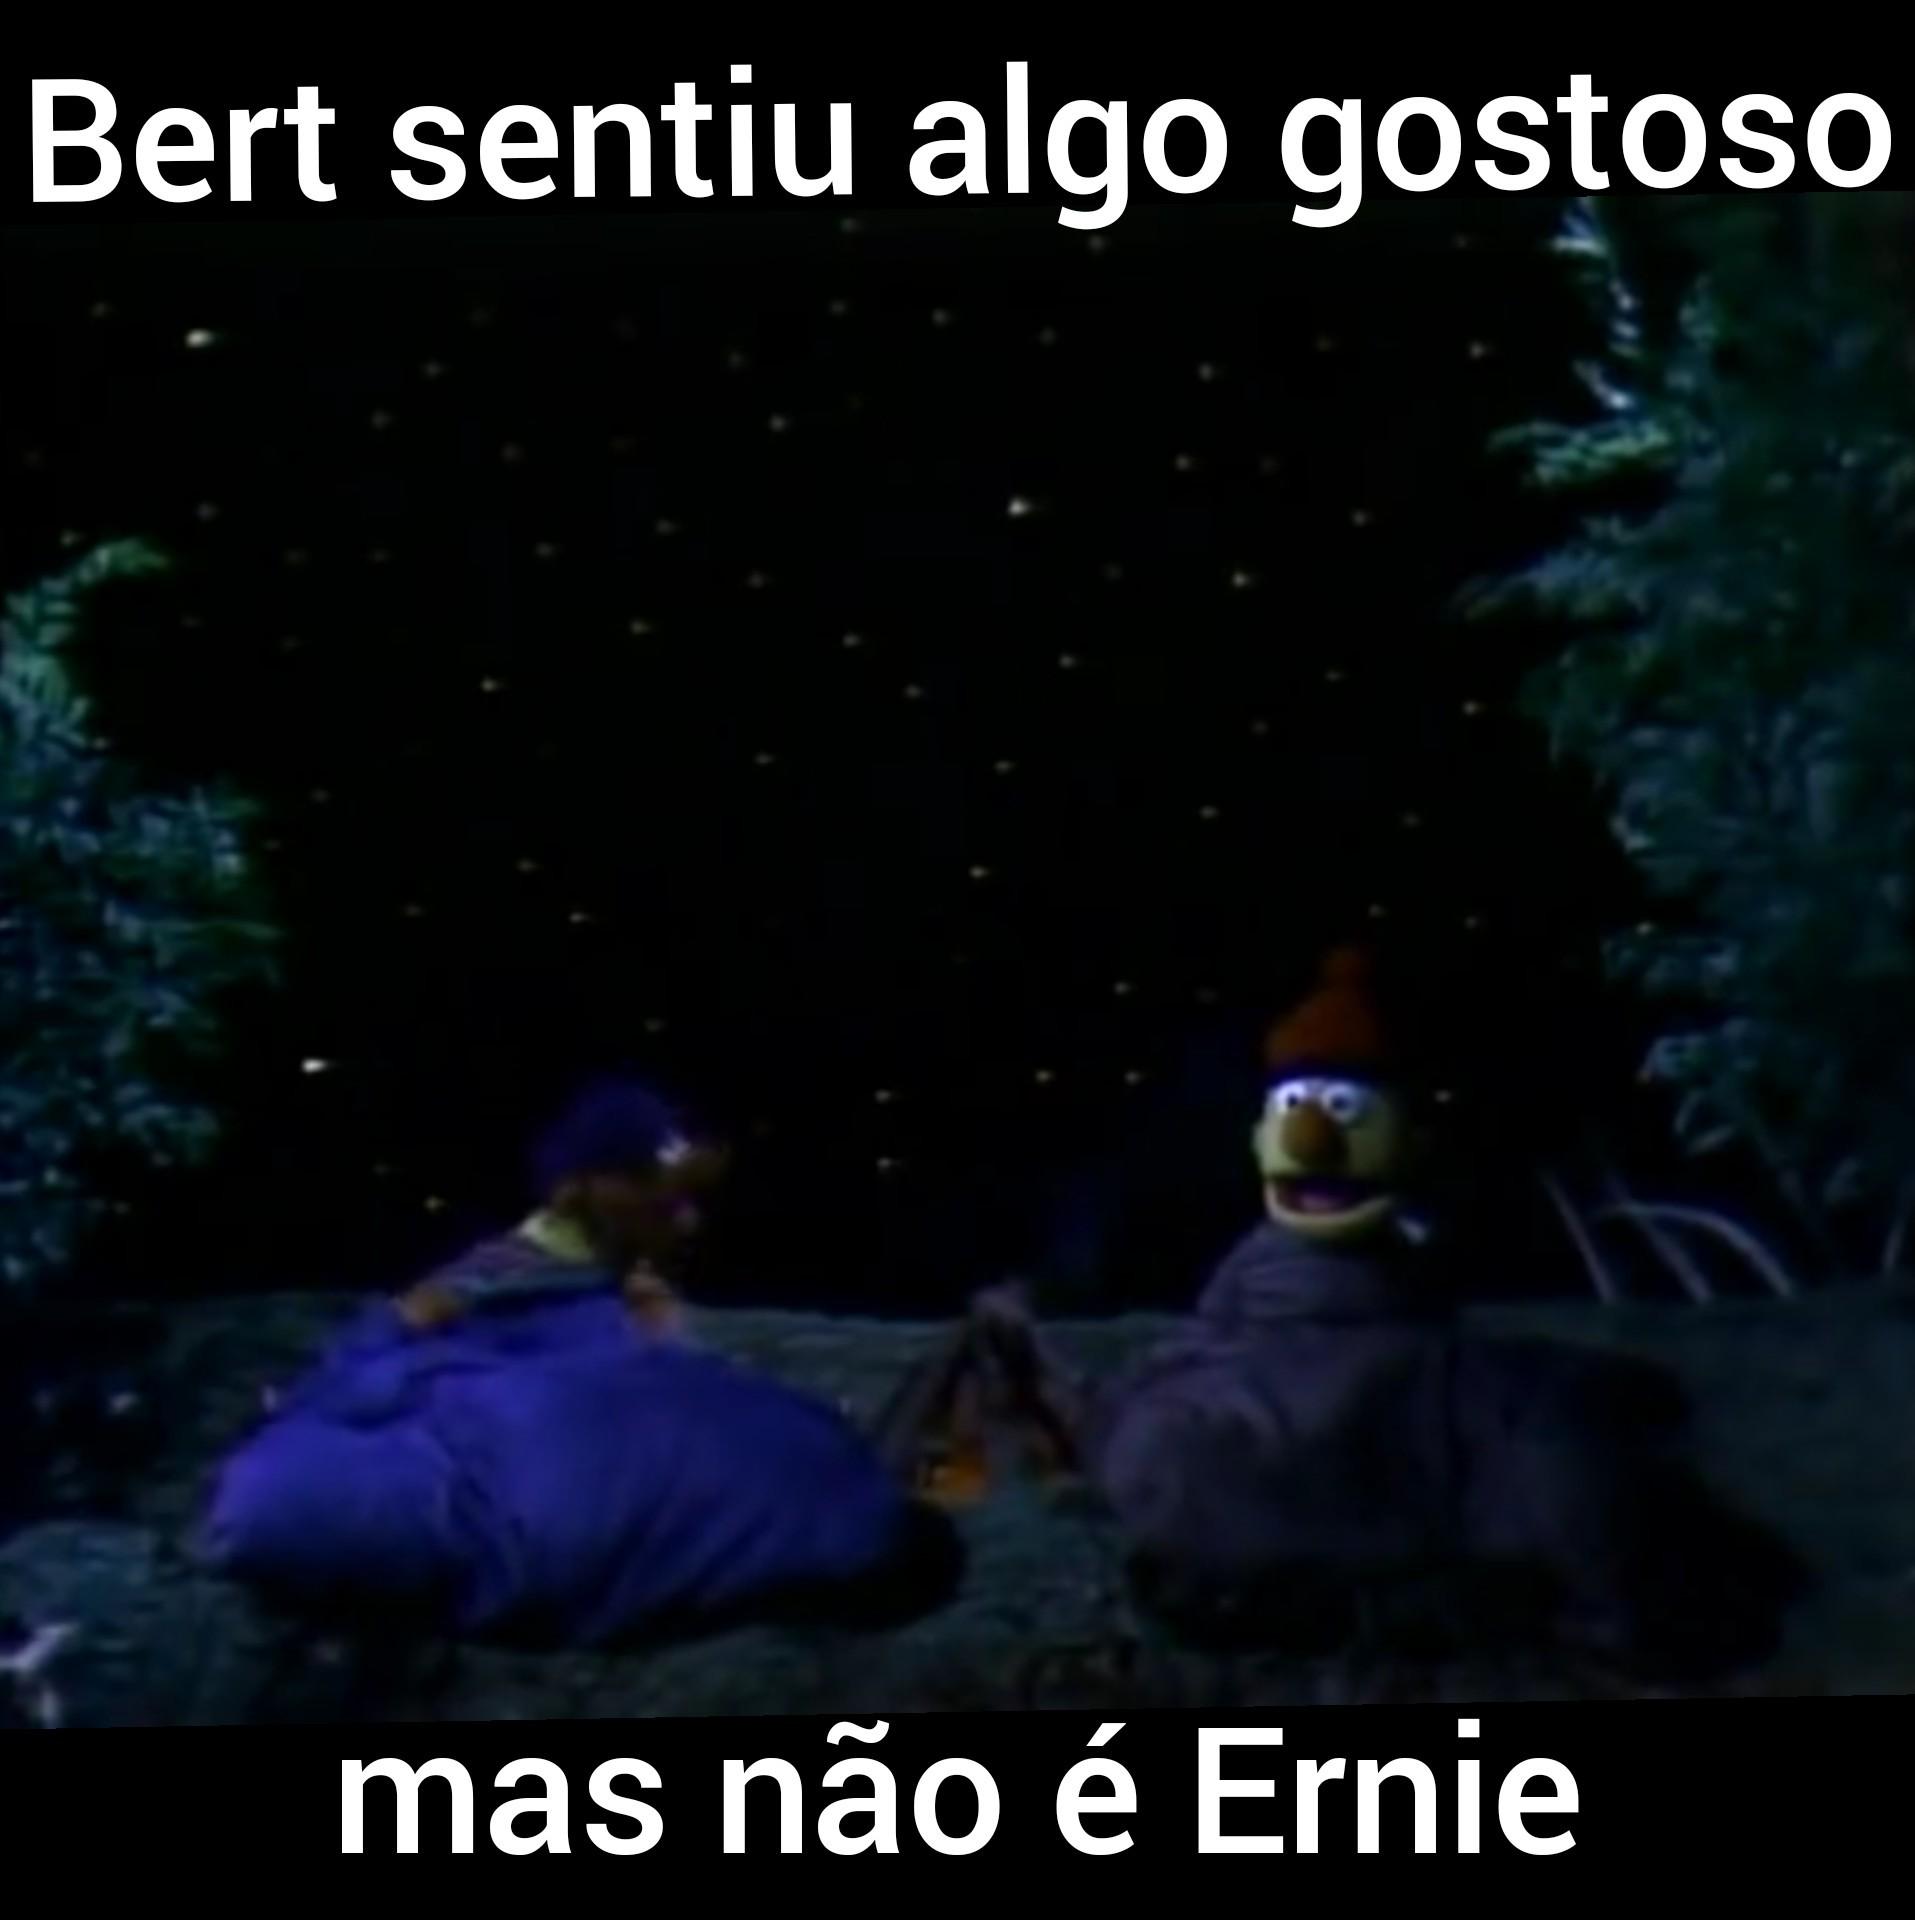 Não sei Ernie - meme